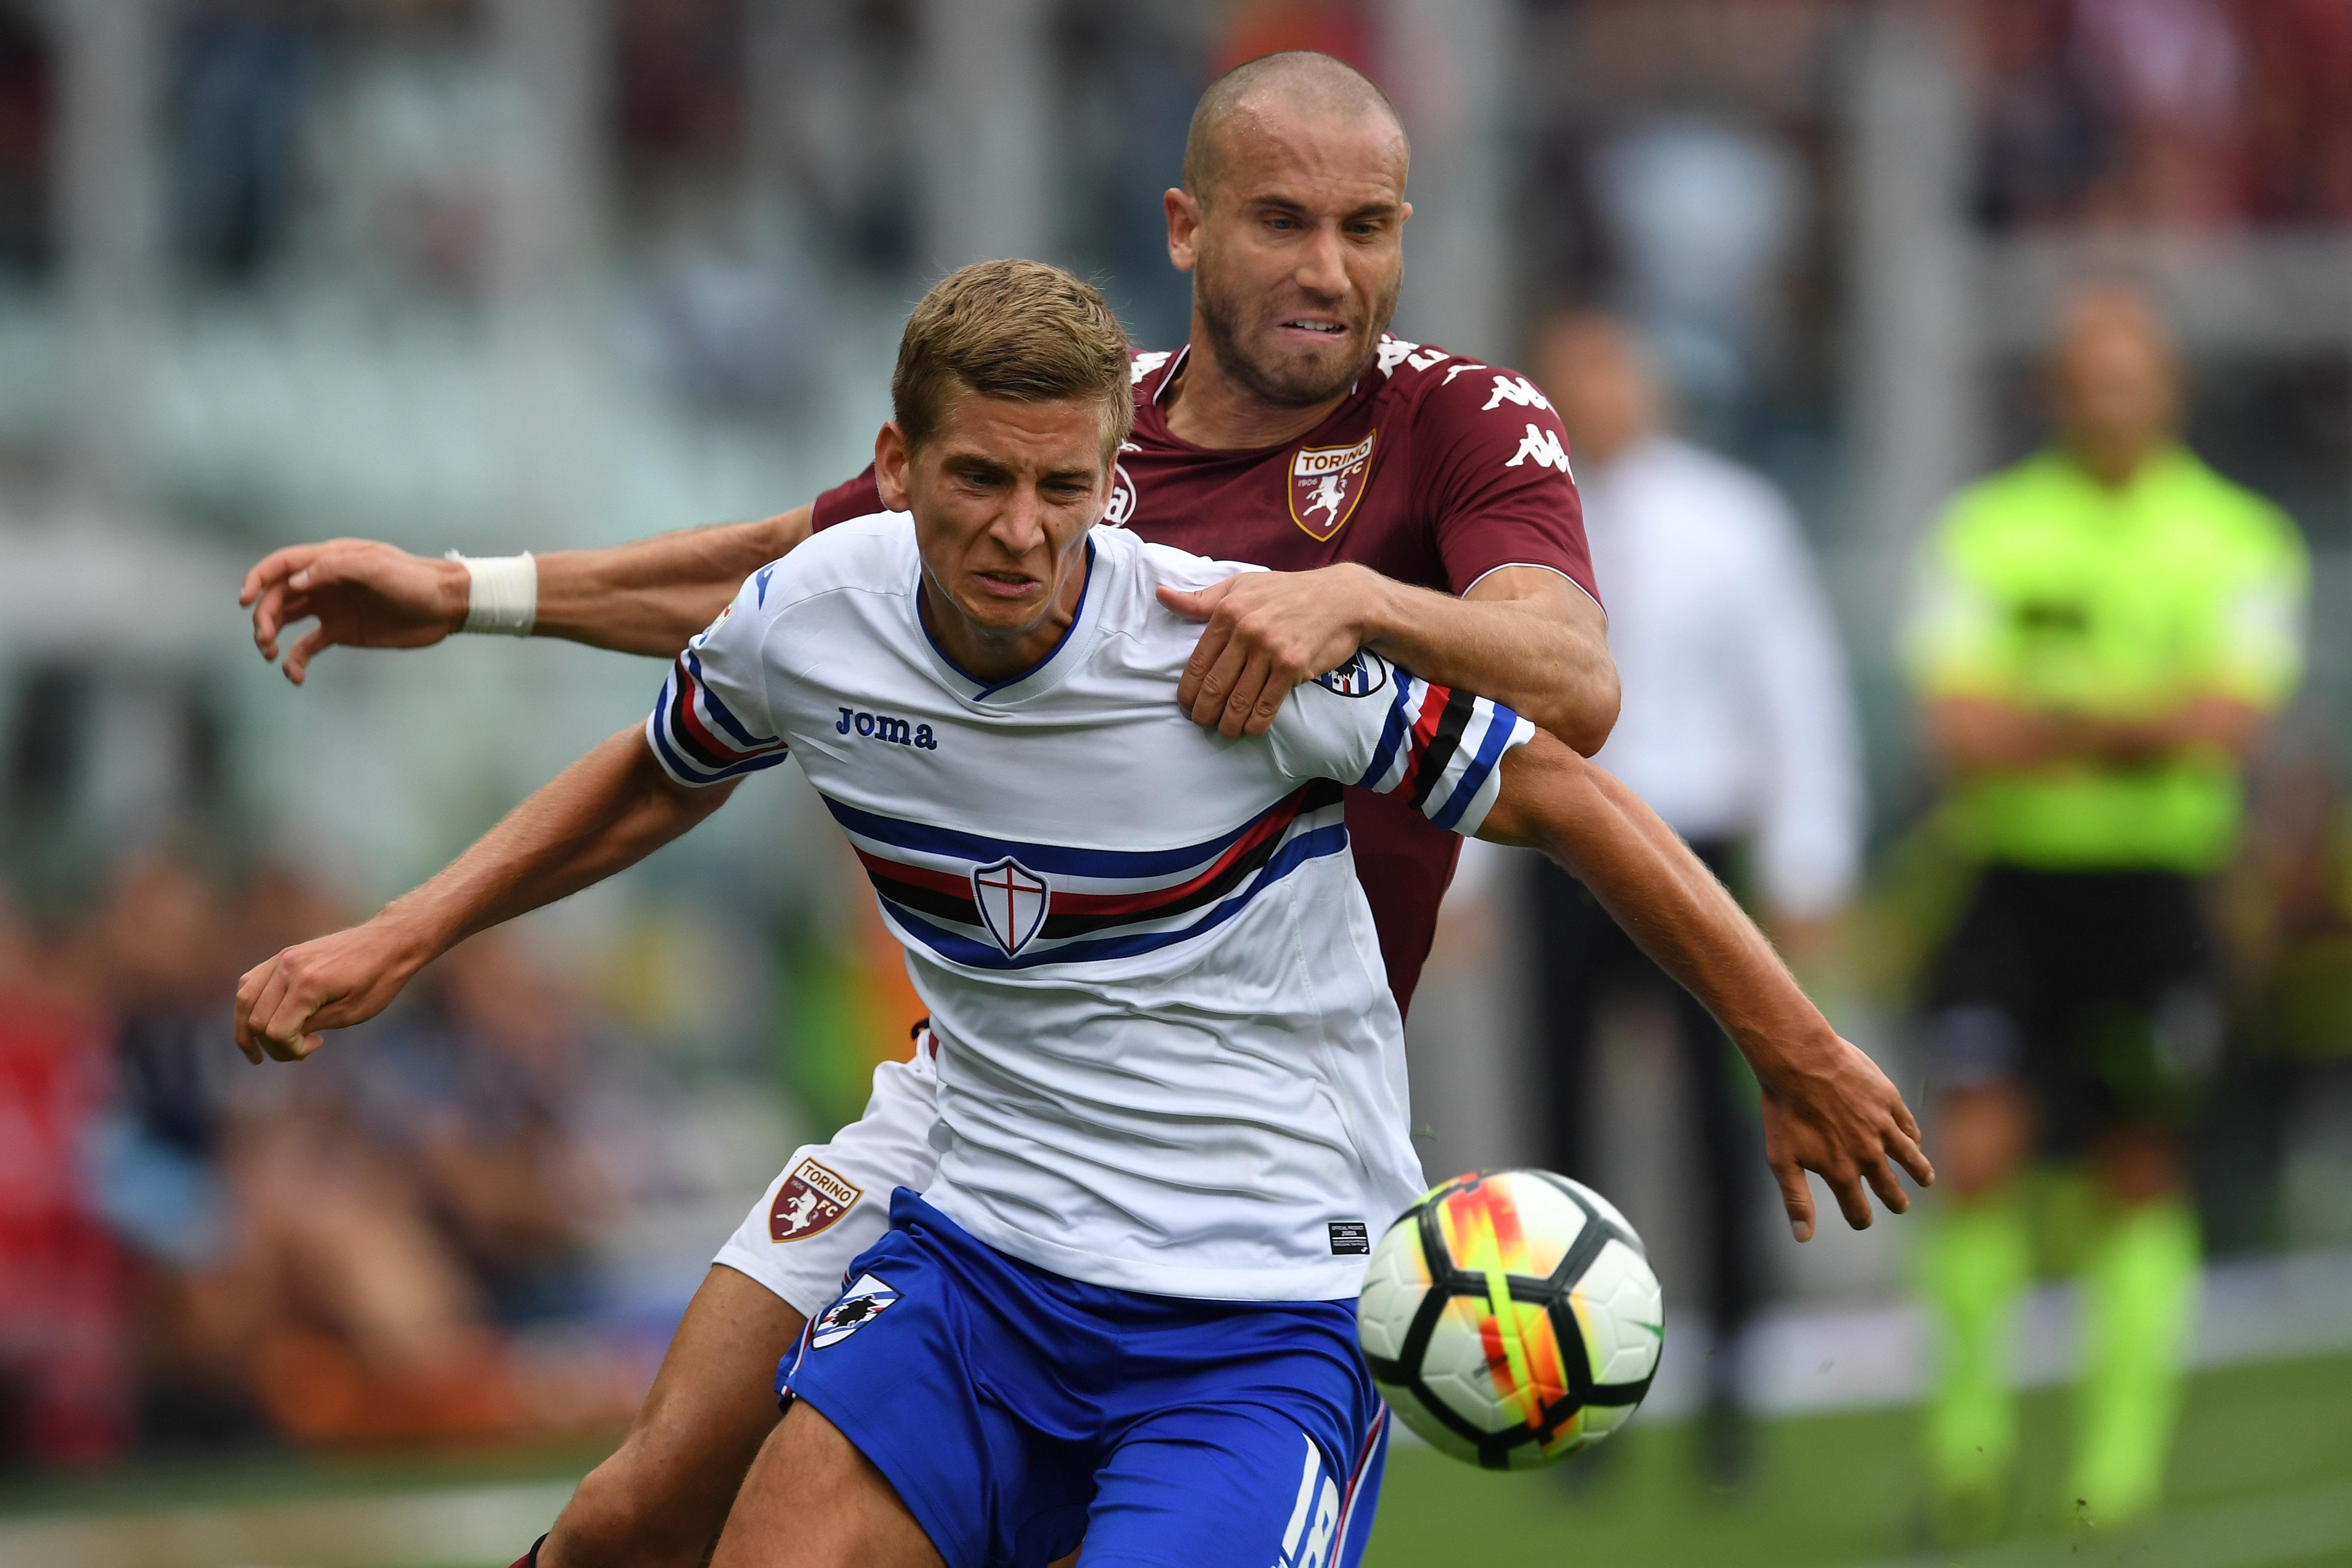 Lucas Torreira Wallpaper: Juventus Track Dennis Praet And Lucas Torreira -Juvefc.com